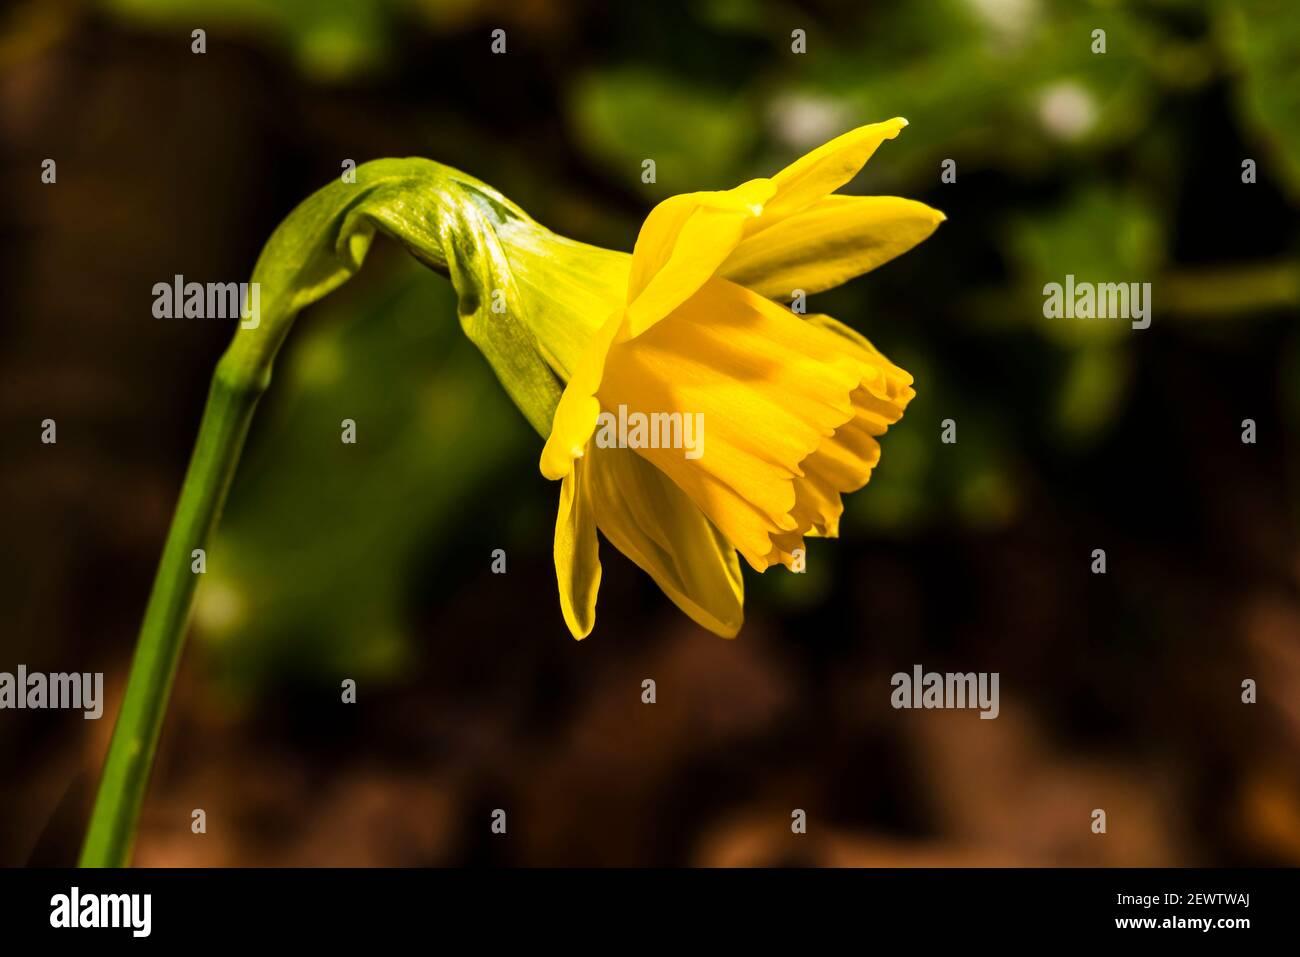 Primer plano de un daffodil enano de finales de invierno en el norte de Londres, Reino Unido Foto de stock